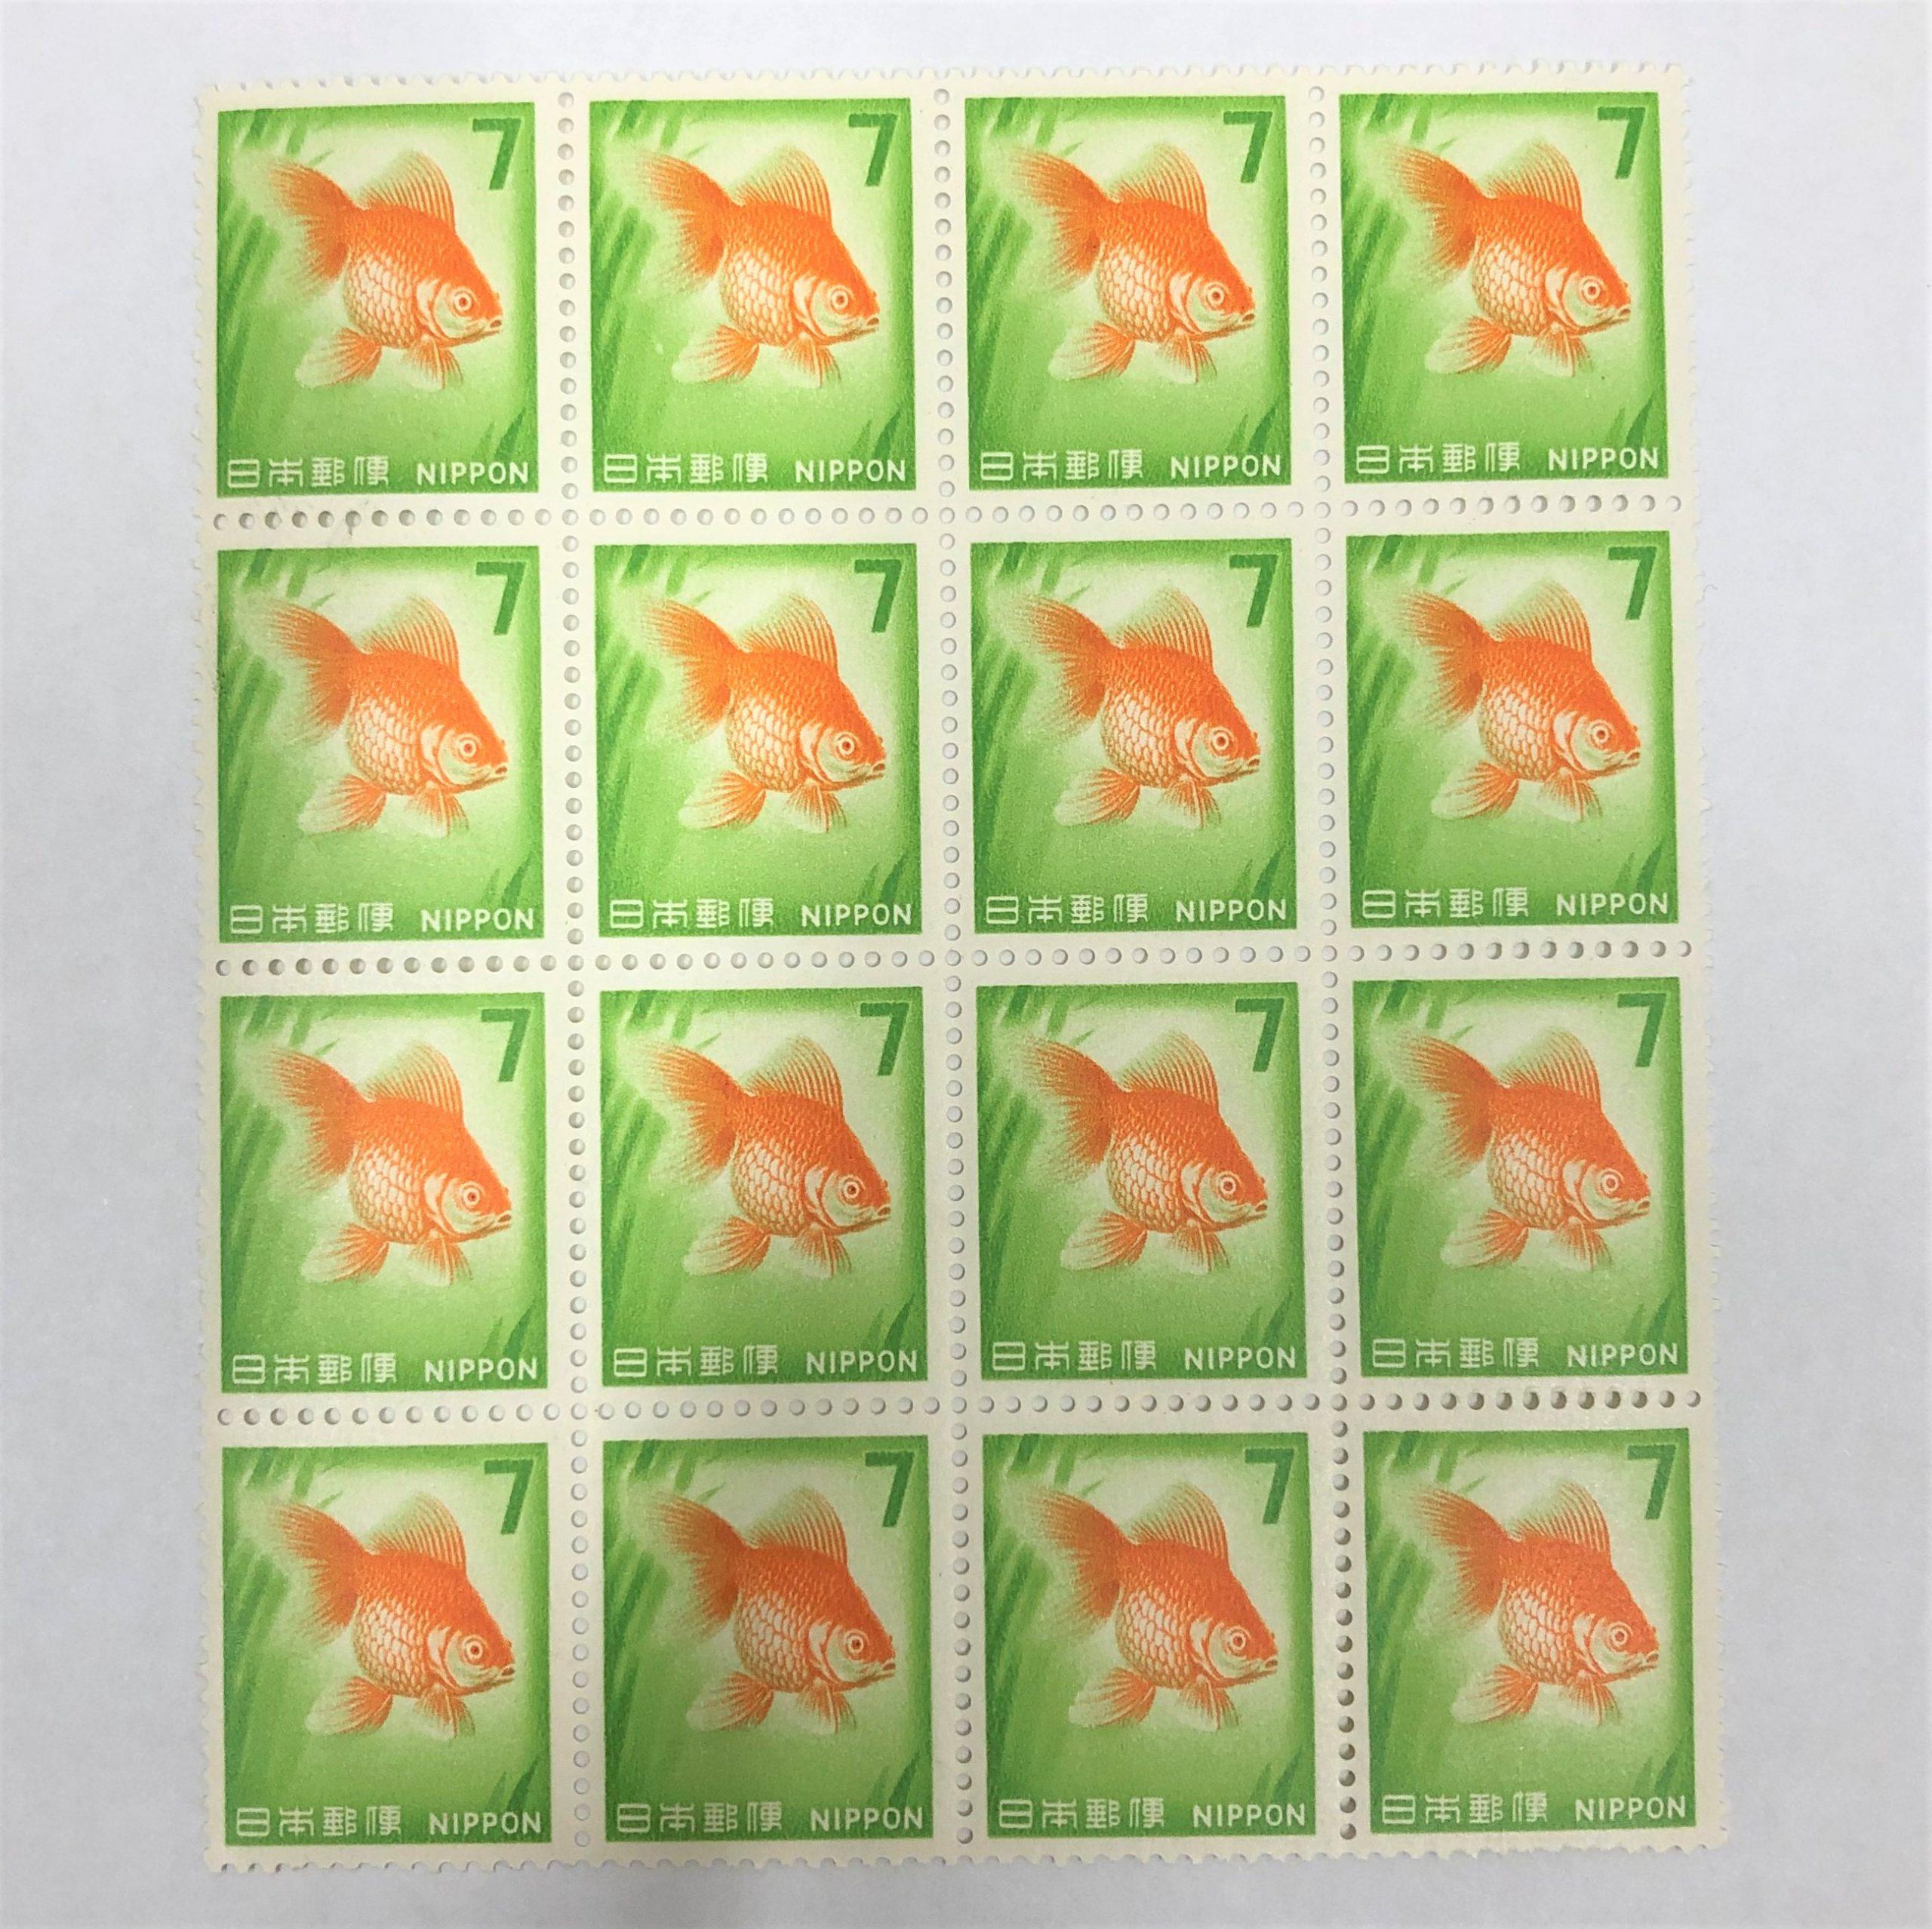 バラ切手 7円